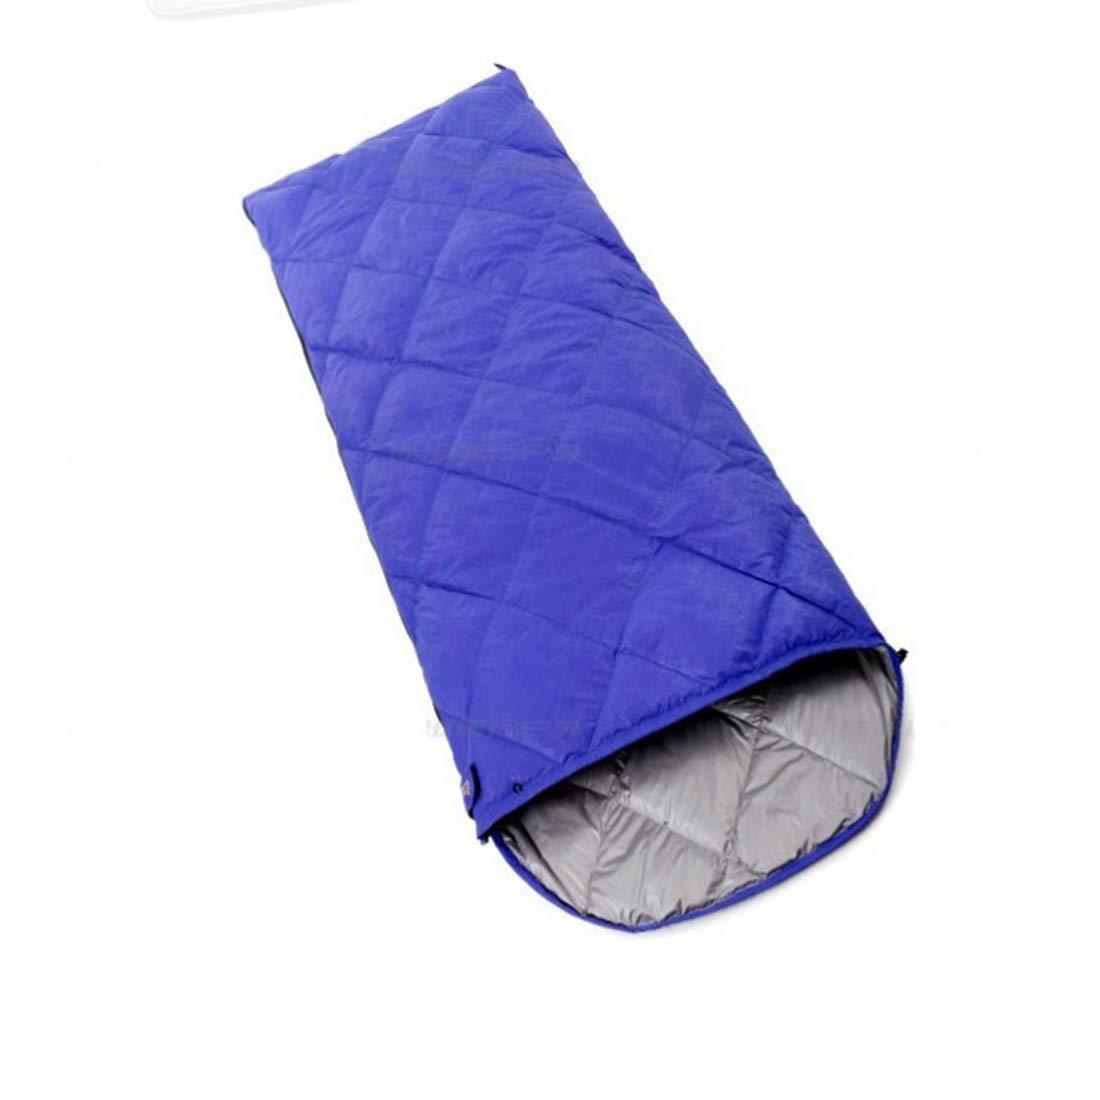 Igspfbjn Leichtgewichtler-tragbarer Erwachsener Schlafsack groß für 3 Jahreszeit-Sommer, Frühling, Fall mit Kompressions-Sack (Farbe   Grün, Größe   800g) B07KXDFK8T Schlafscke Wartungsfähigkeit